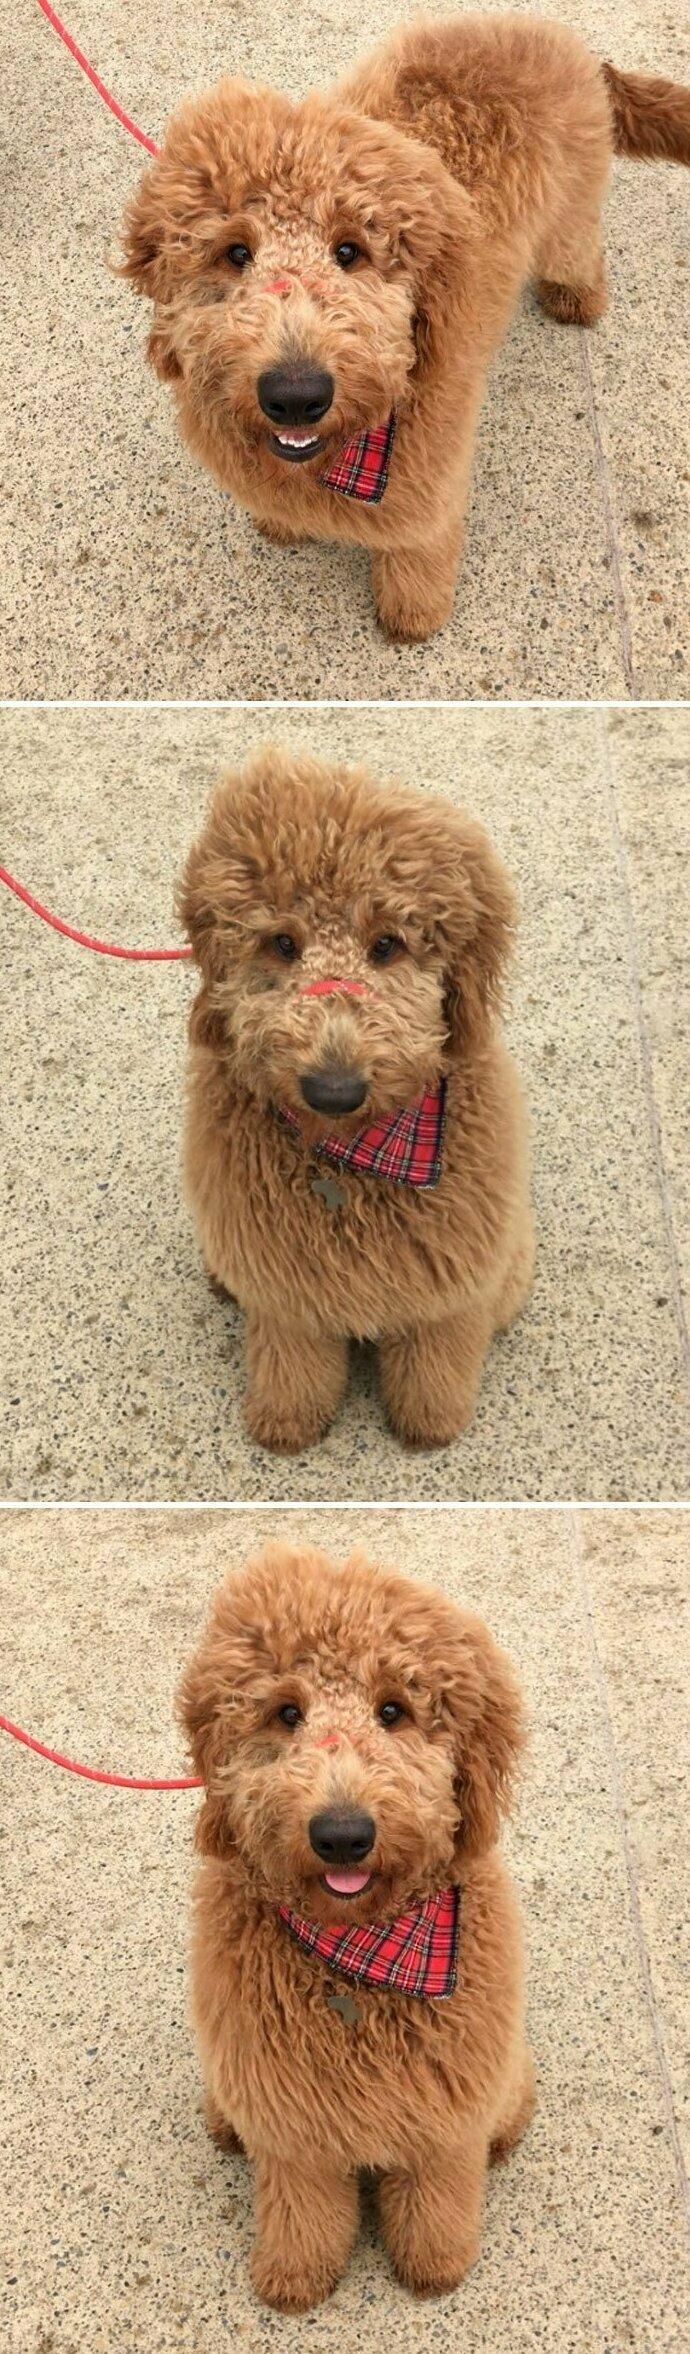 """""""Я увидела эту собаку на улице и попросила у ее хозяина разрешения сделать снимок. Пес увидел мой телефон, сел и улыбнулся"""" домашние животные, истории, питомцы, ситуации, собака - лучший друг, собака друг человека, собаки, фото"""